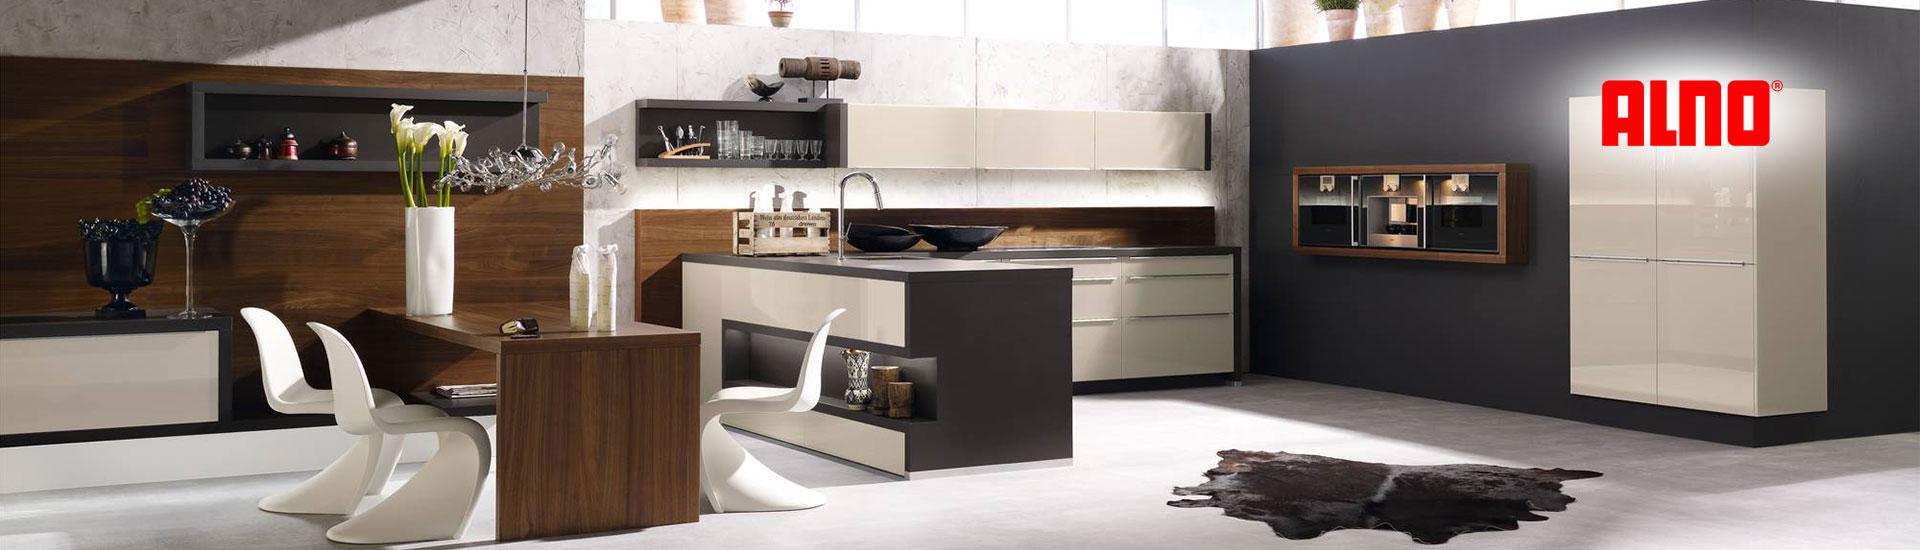 Moderne Einbauküchen Grau | ambiznes.com